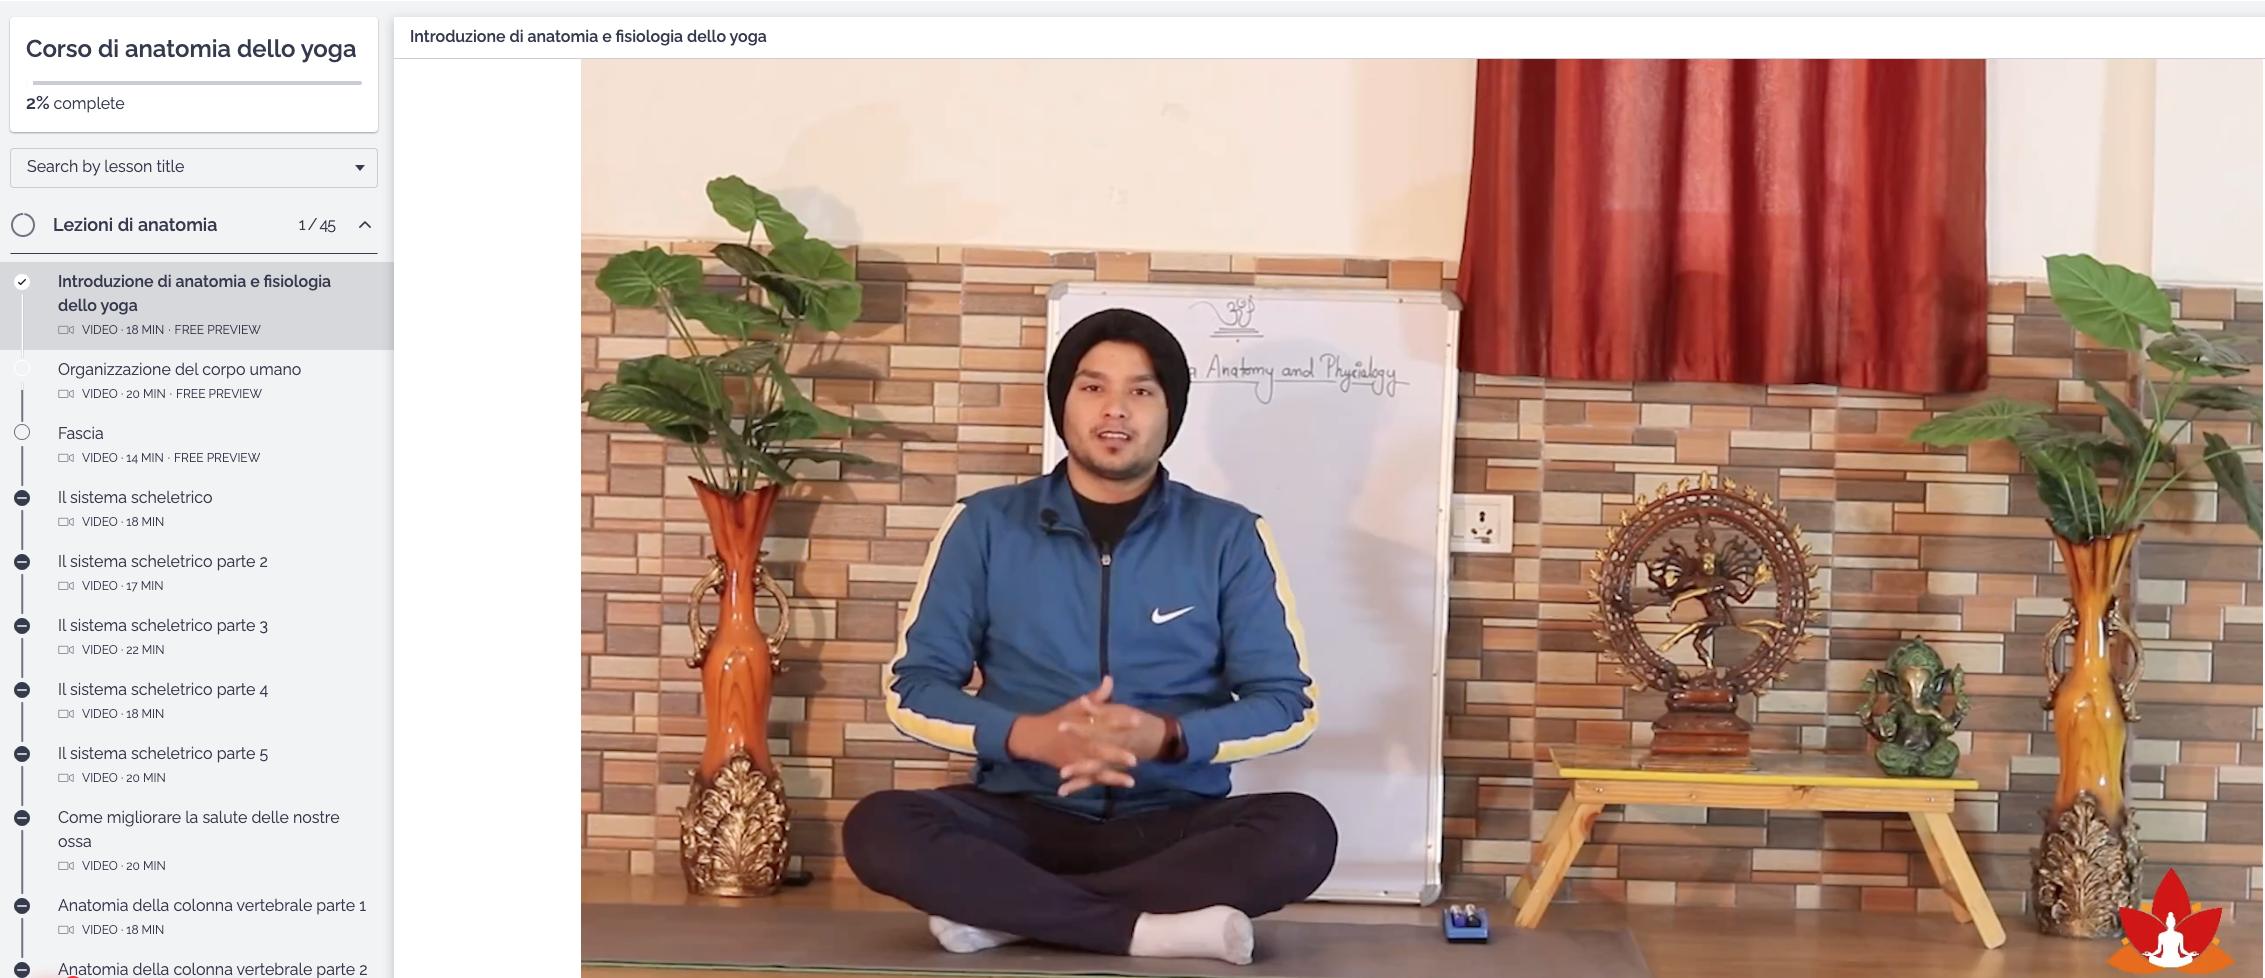 Corso Completo Anatomia dello Yoga Online